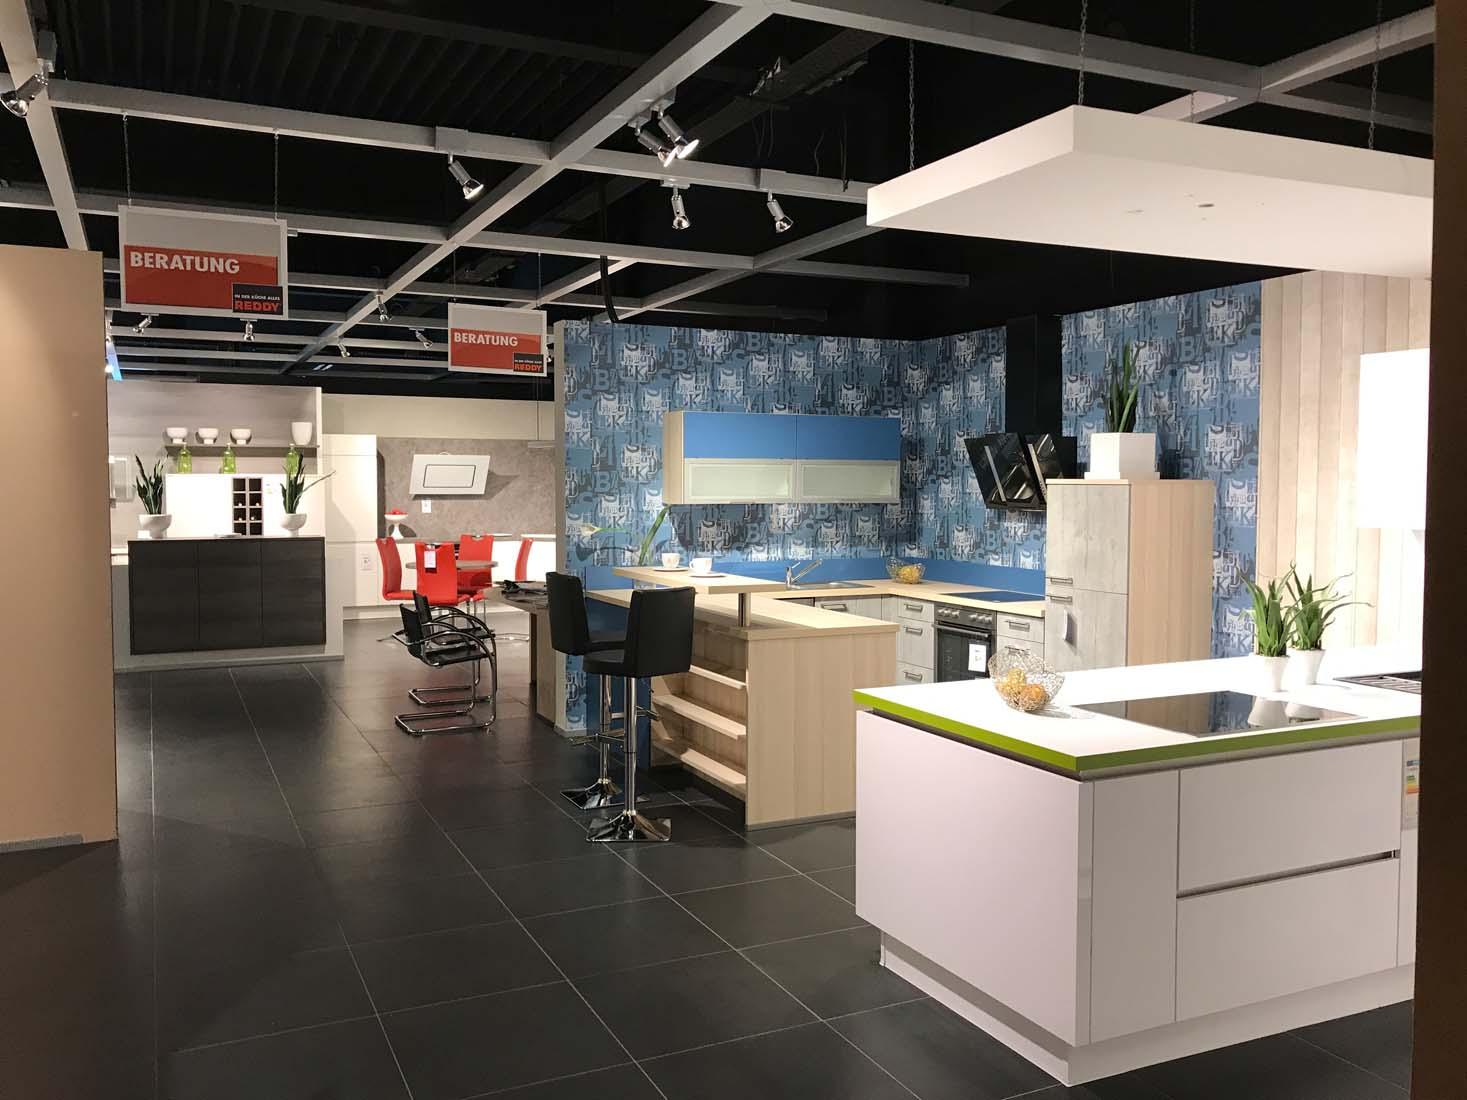 Viernheim Küchen Campus ~ küchenstudio viernheim, küchenstudio mannheim, küchenstudio heidelberg, küchenstudio darmstadt